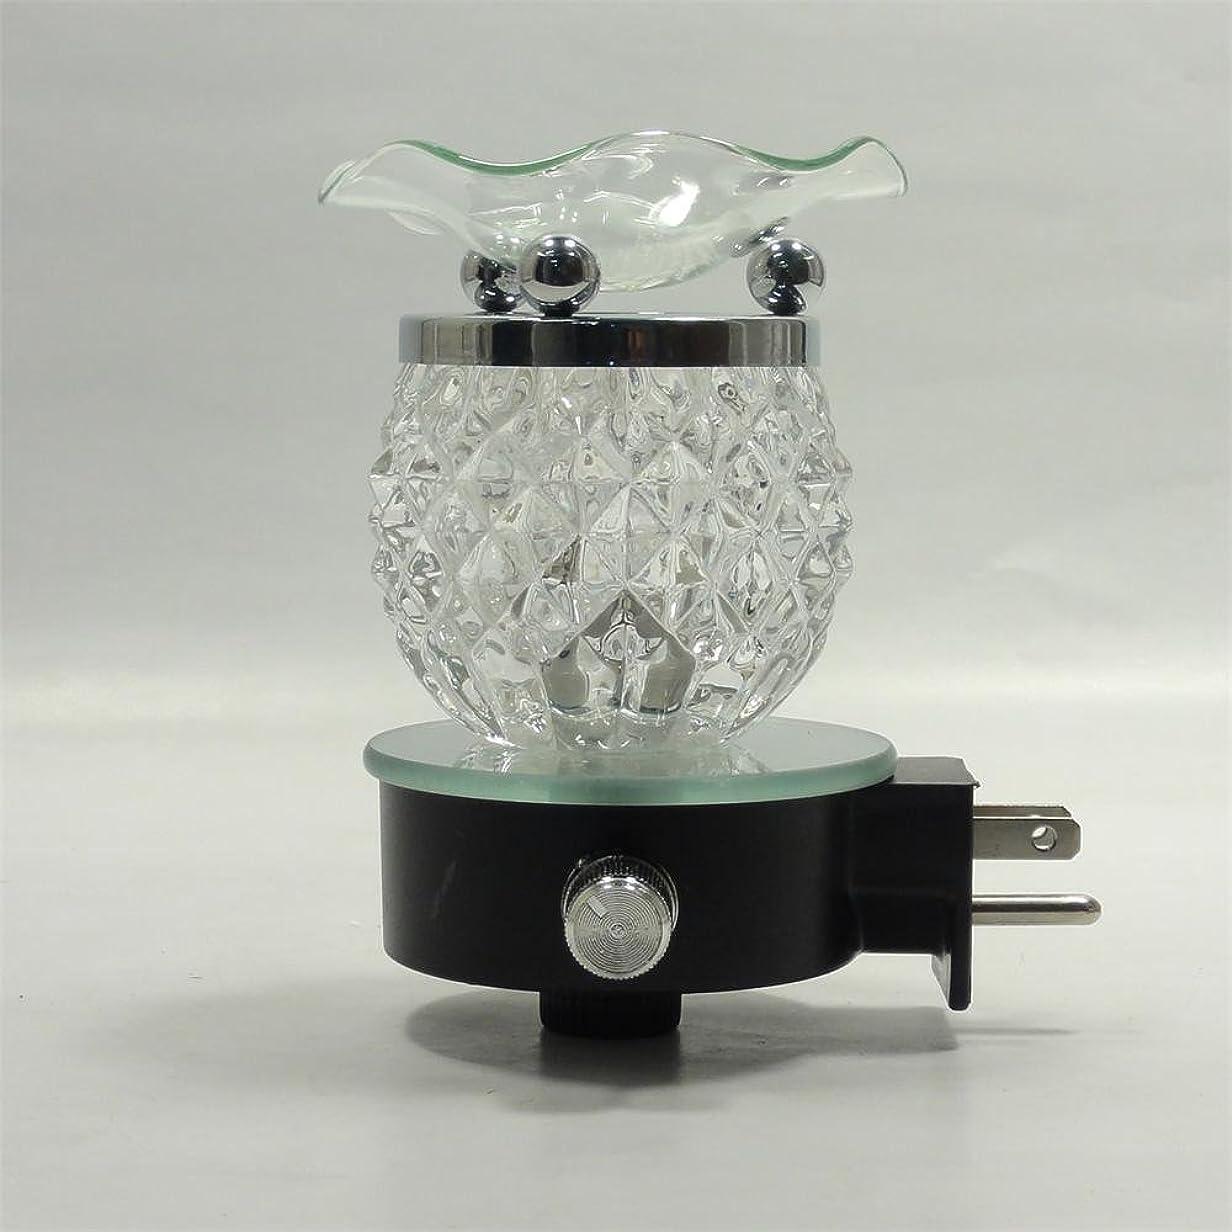 はしご消費者吹雪Electric Oil Warmer Burner Tart Diffuserアロマ香りつきFragrance Essential Oils壁プラグinランプ